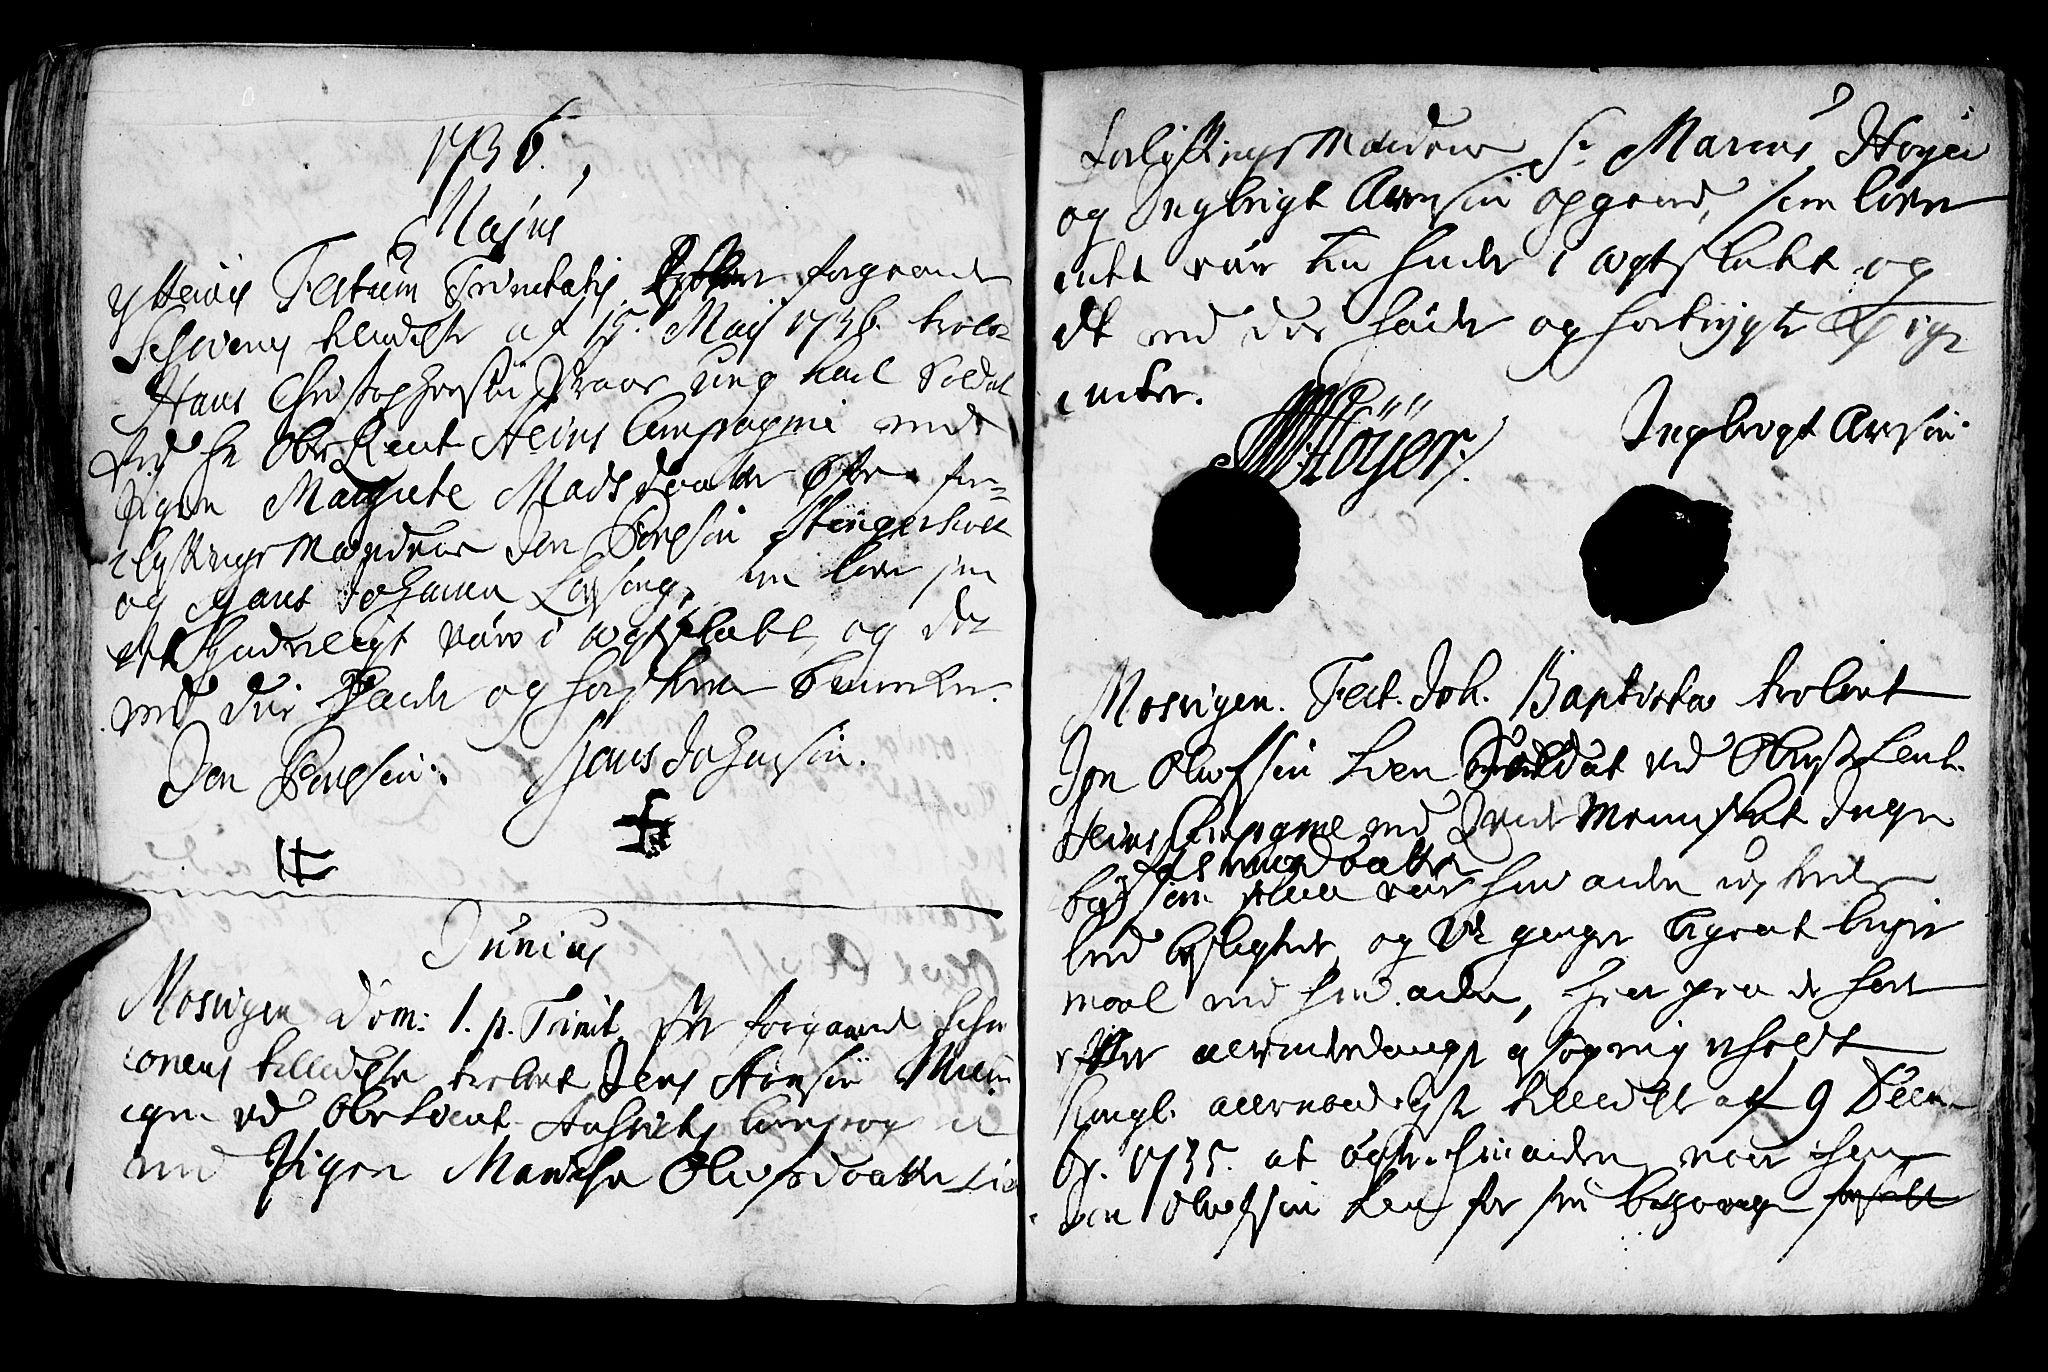 SAT, Ministerialprotokoller, klokkerbøker og fødselsregistre - Nord-Trøndelag, 722/L0215: Ministerialbok nr. 722A02, 1718-1755, s. 194b